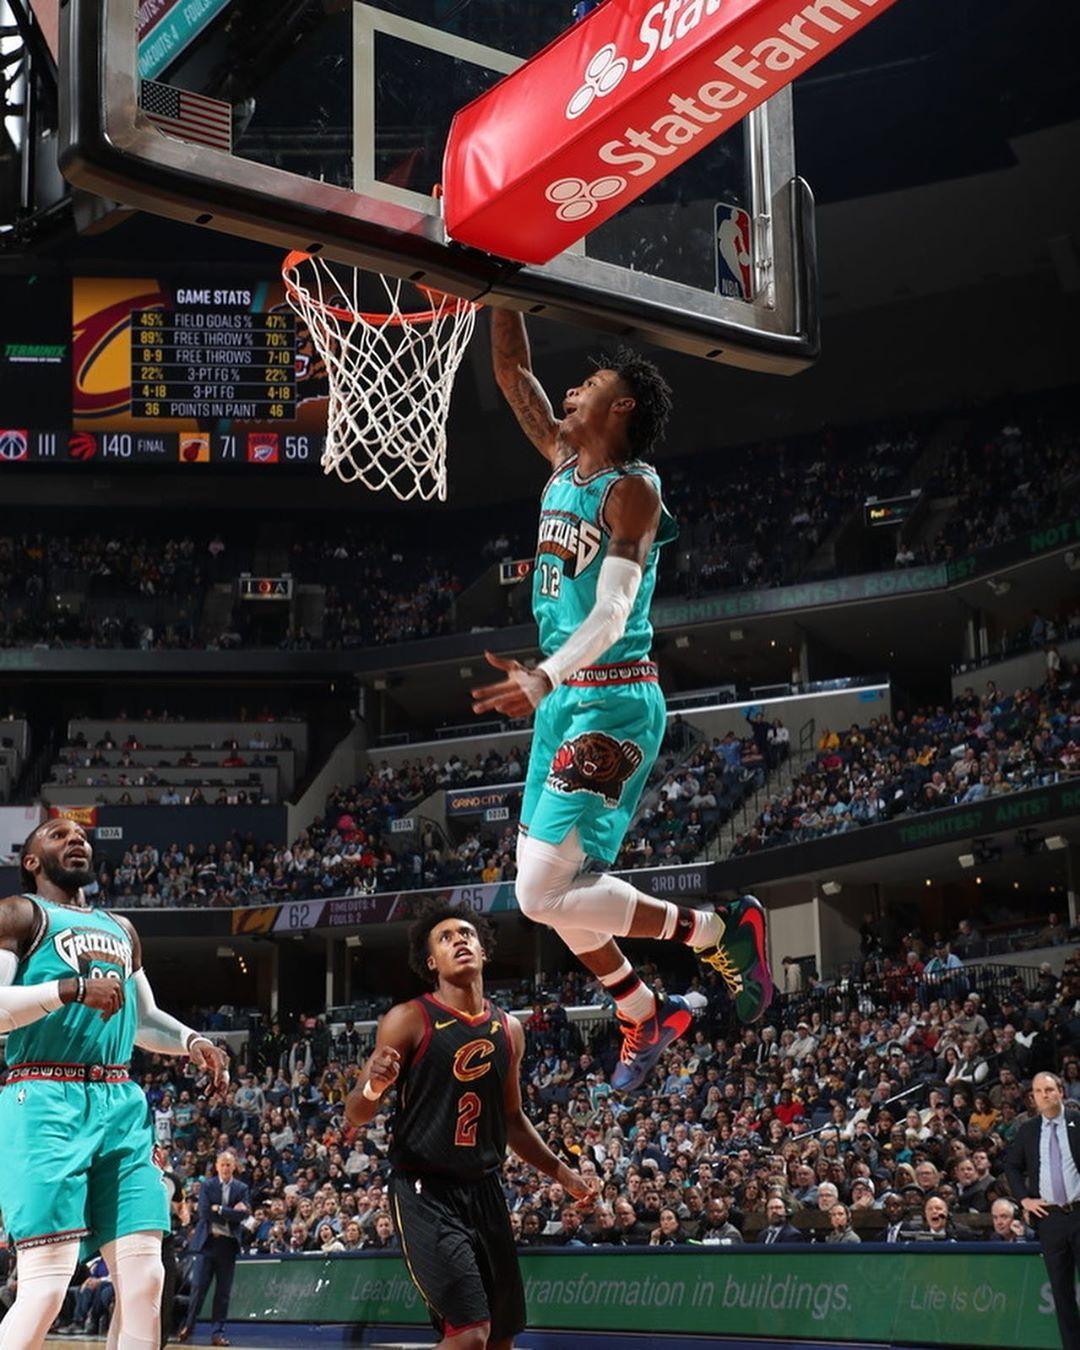 Memphis Grizzlies On Instagram Jamorant In 2020 Basketball Players Basketball Players Nba Nba Pictures